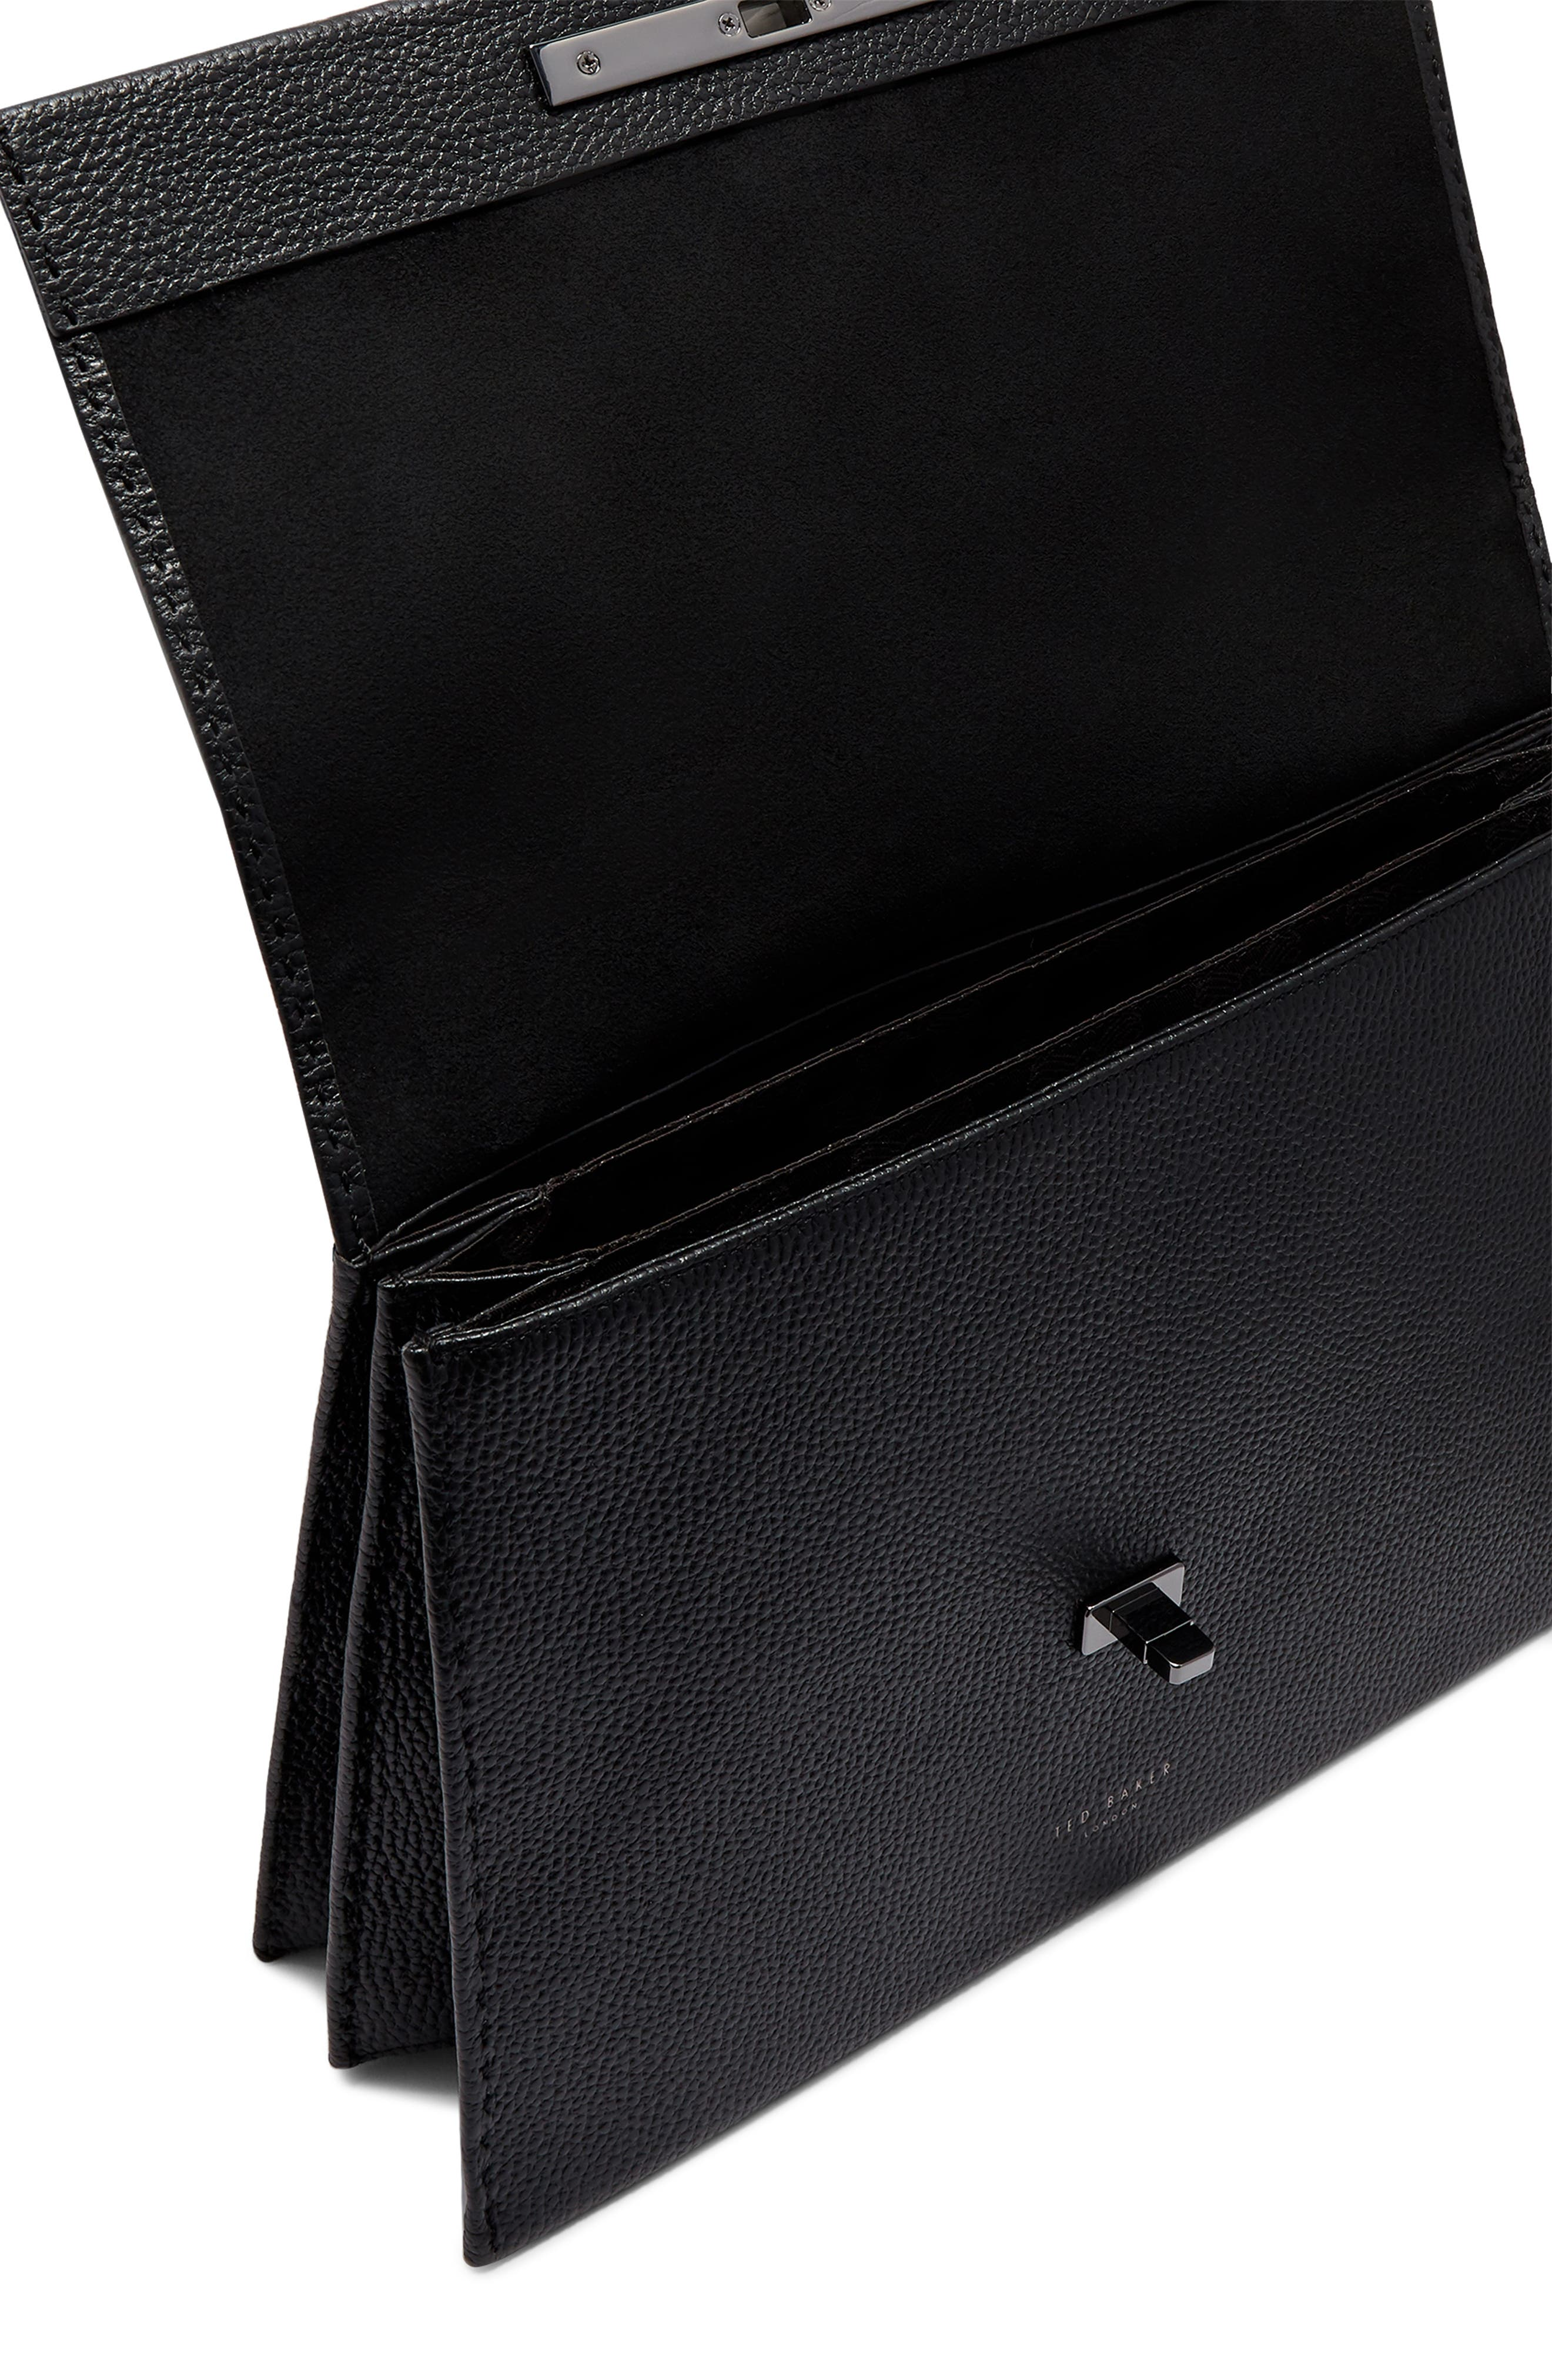 Jessi Leather Shoulder Bag,                             Alternate thumbnail 3, color,                             BLACK